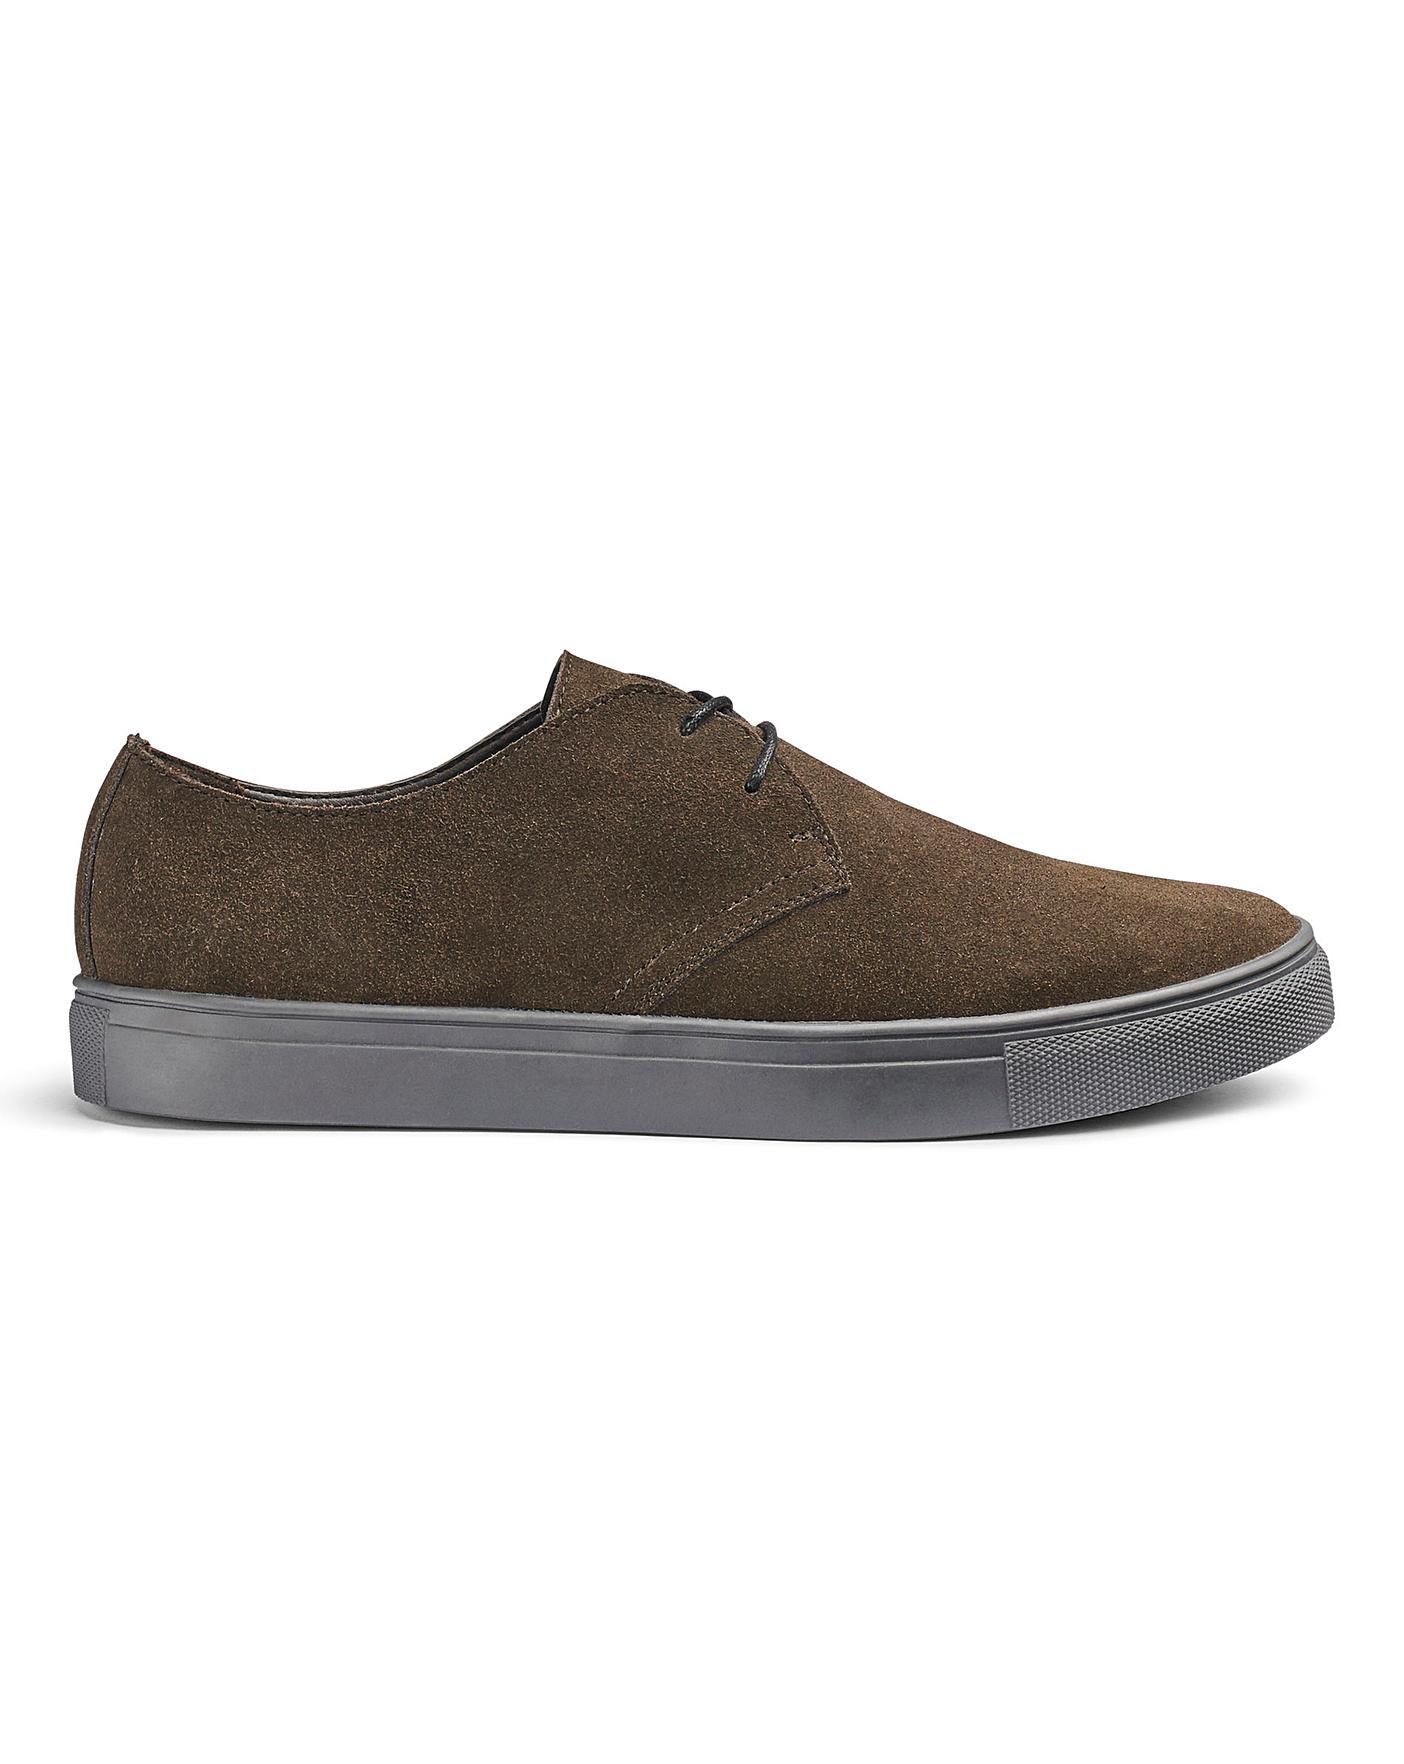 Brown Suede Casual Shoes | Jacamo